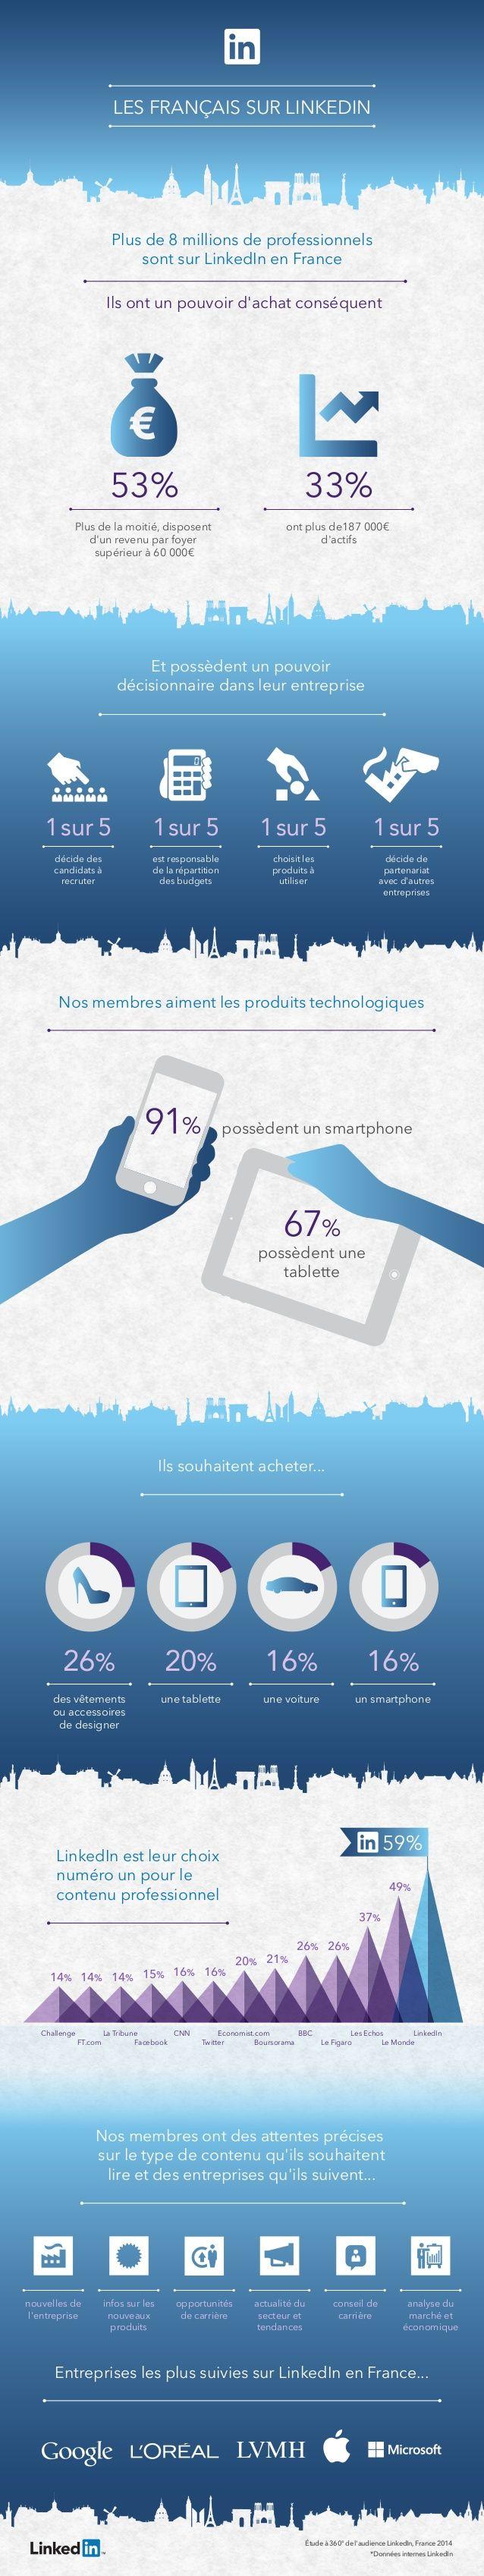 Profil des utilisateurs de LinkedIn en France : CSP+ et ultra connecté